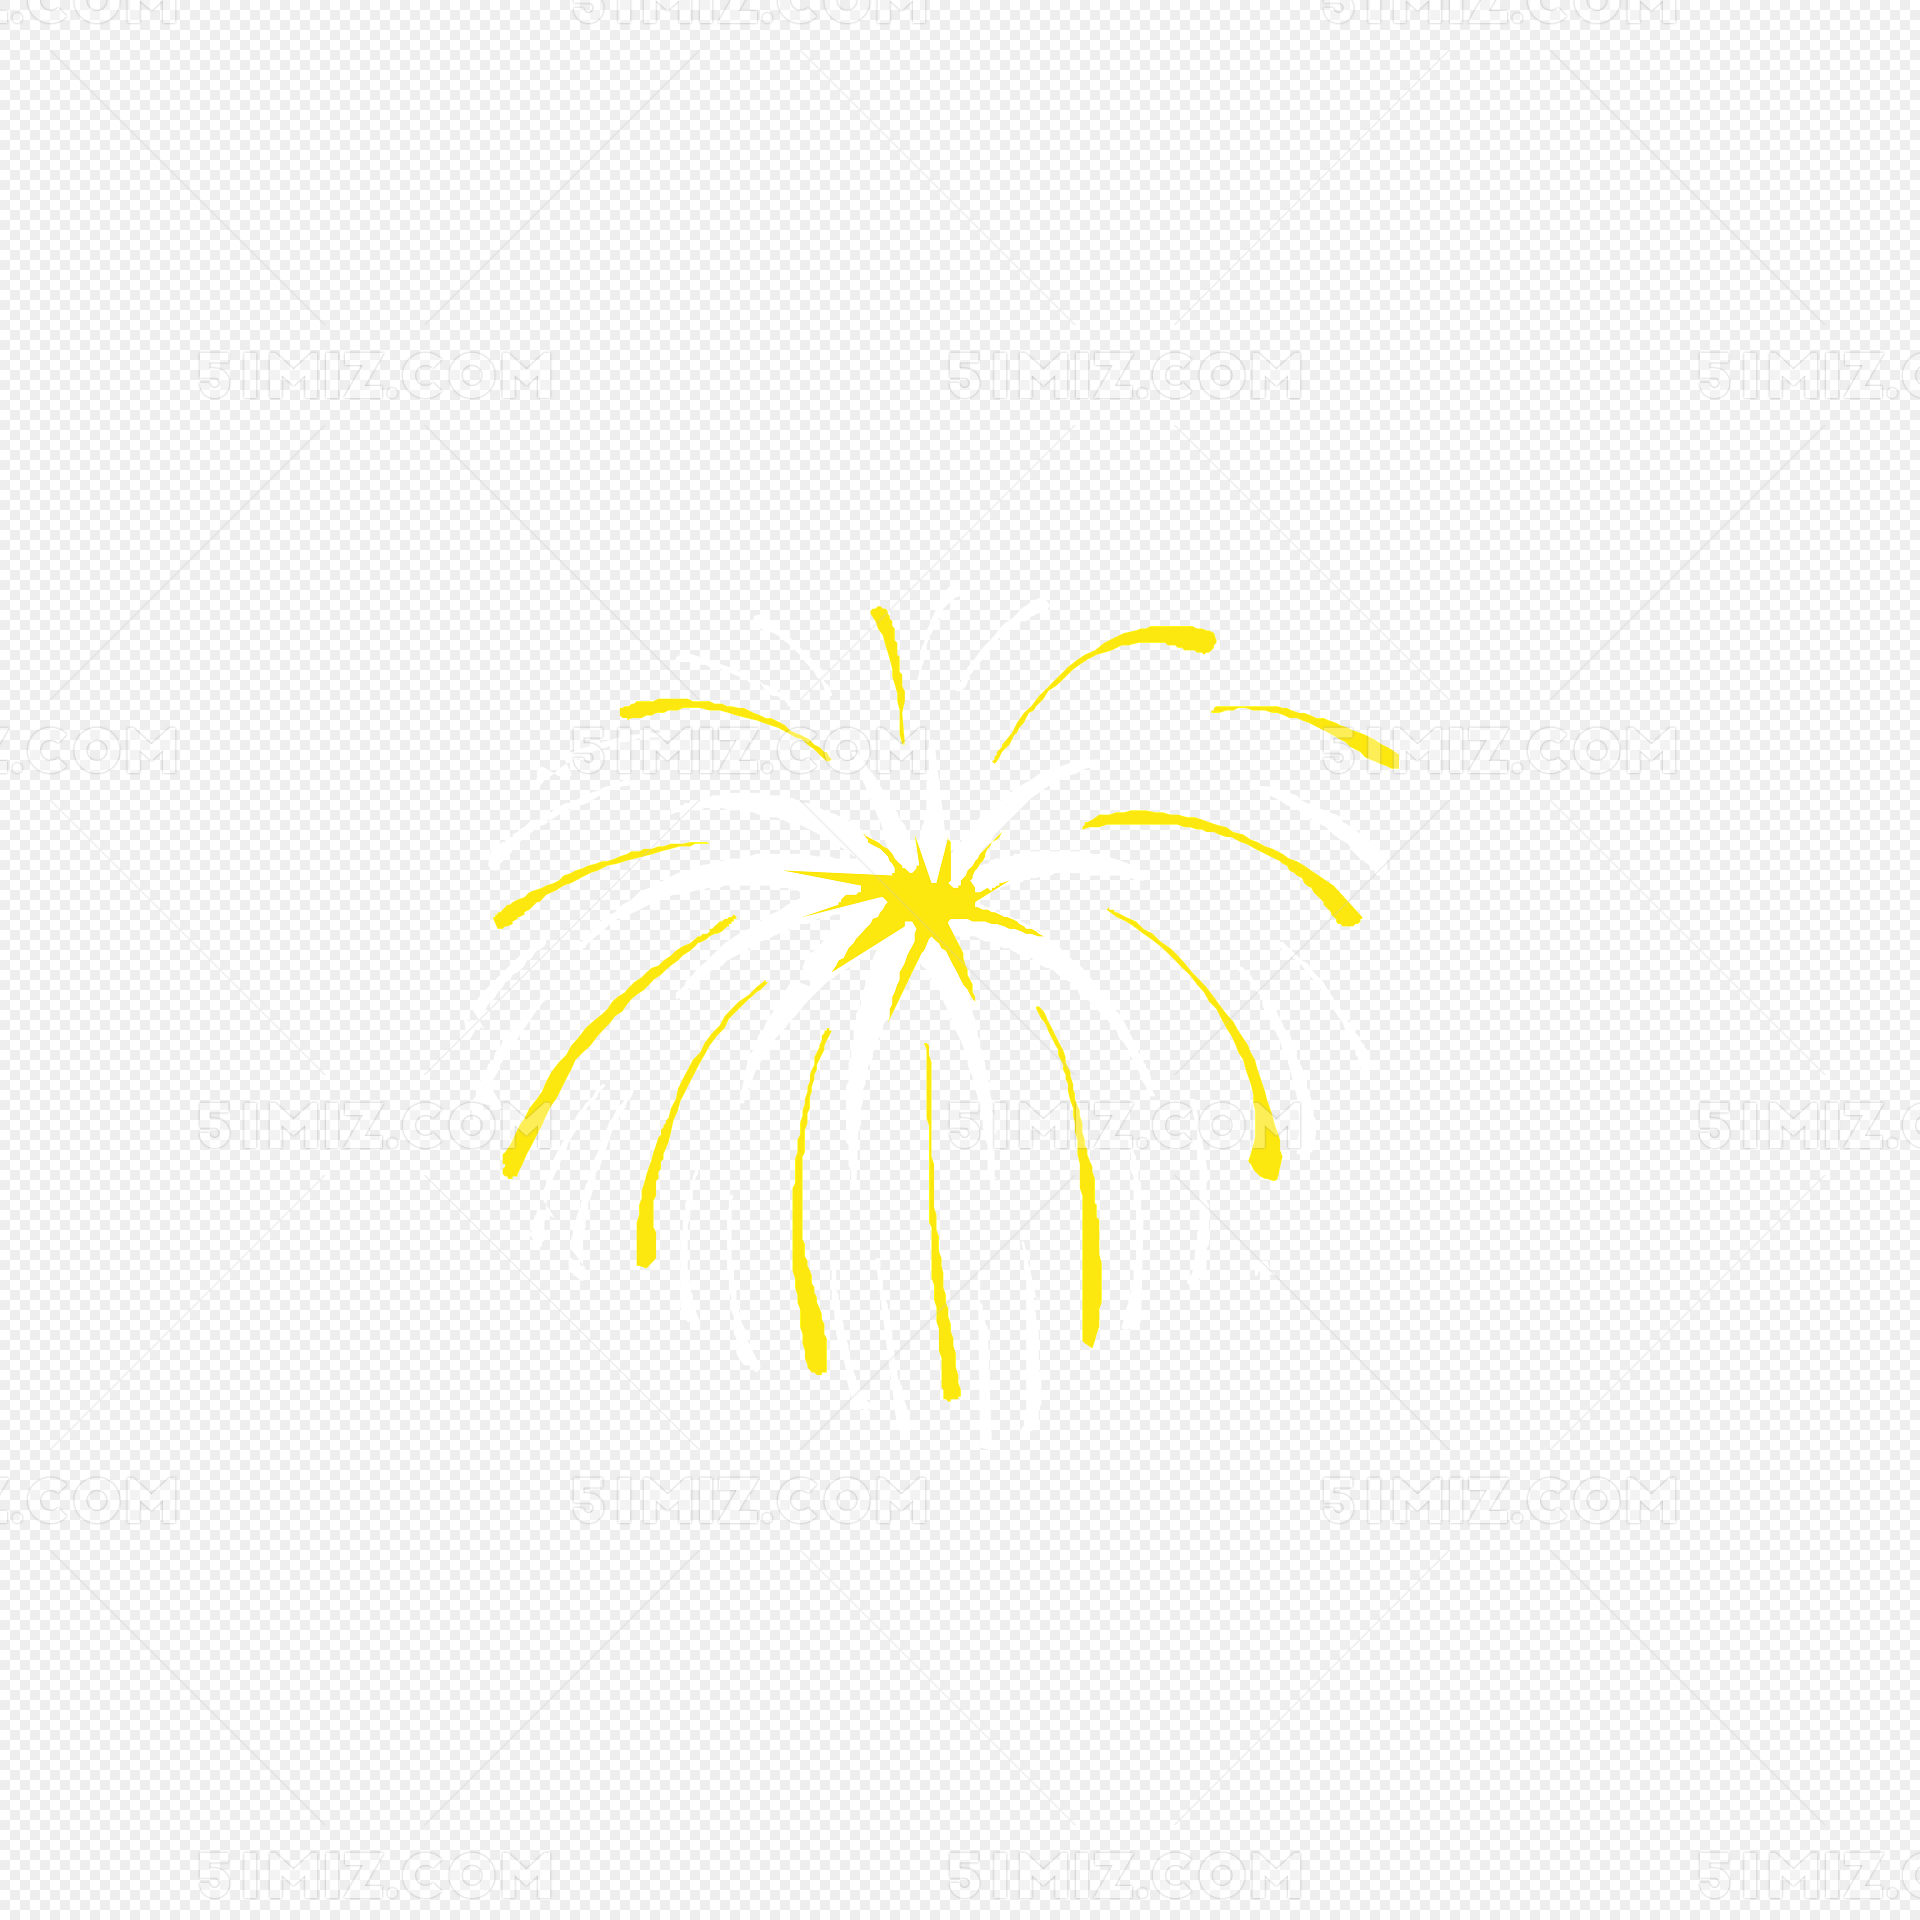 矢量手绘水彩背景装饰免费下载 玫 璀璨的烟花